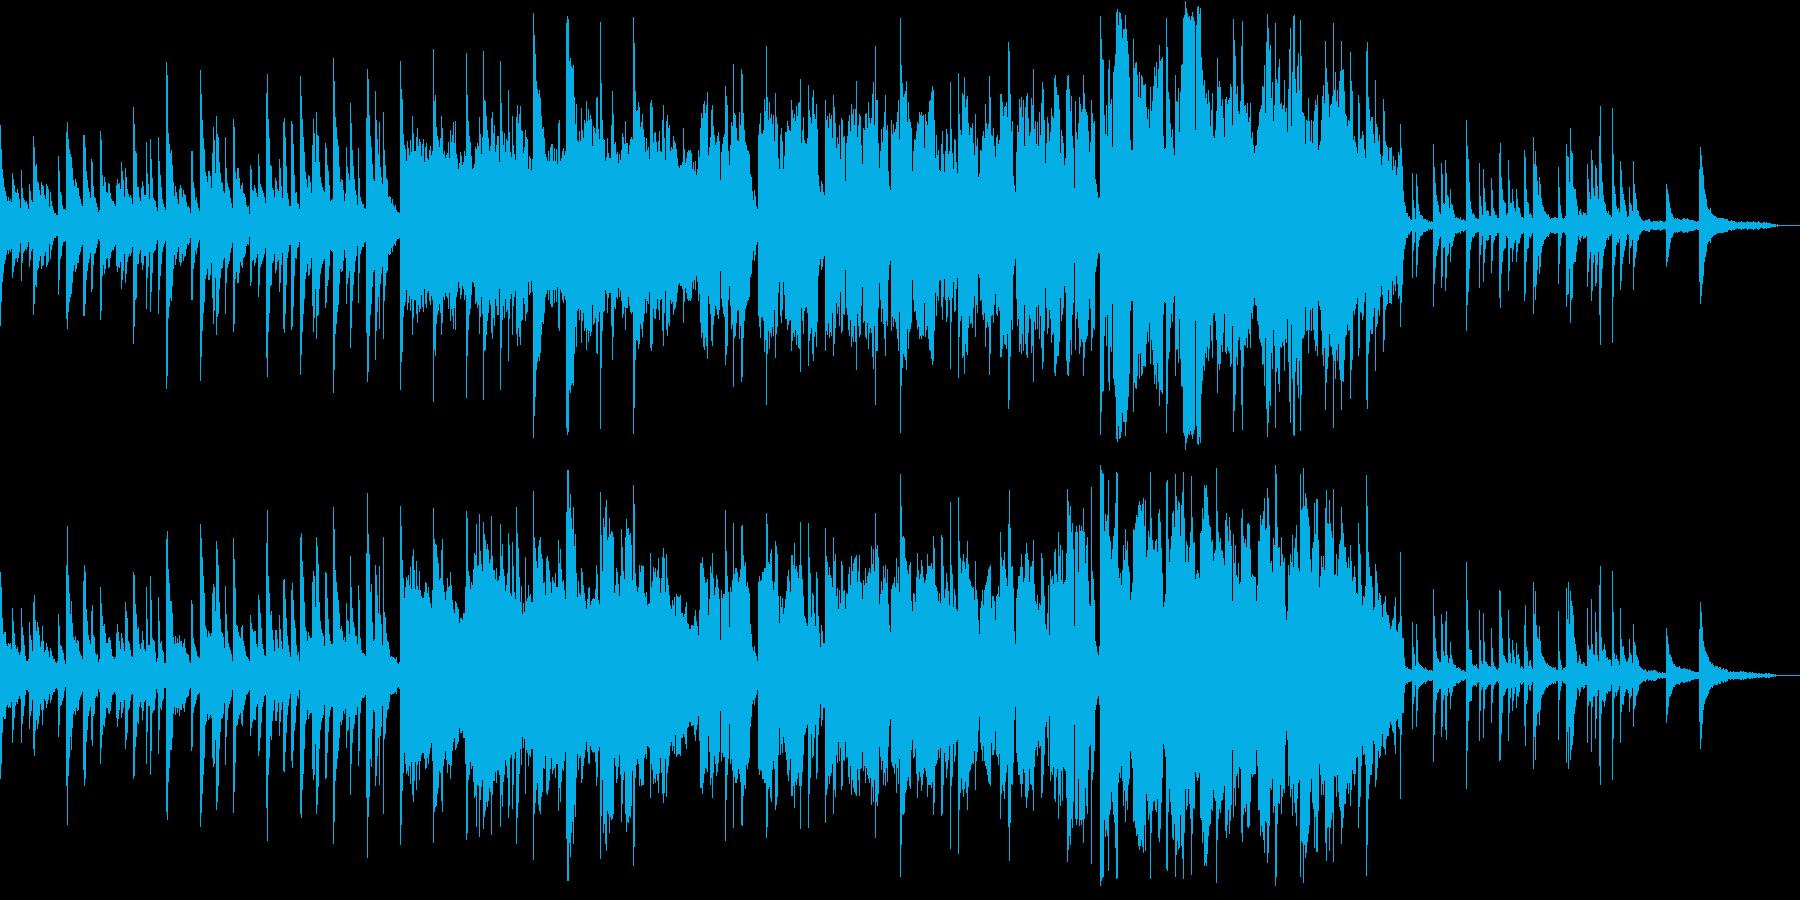 夕暮れの一コマを映し出す風情溢れるピアノの再生済みの波形